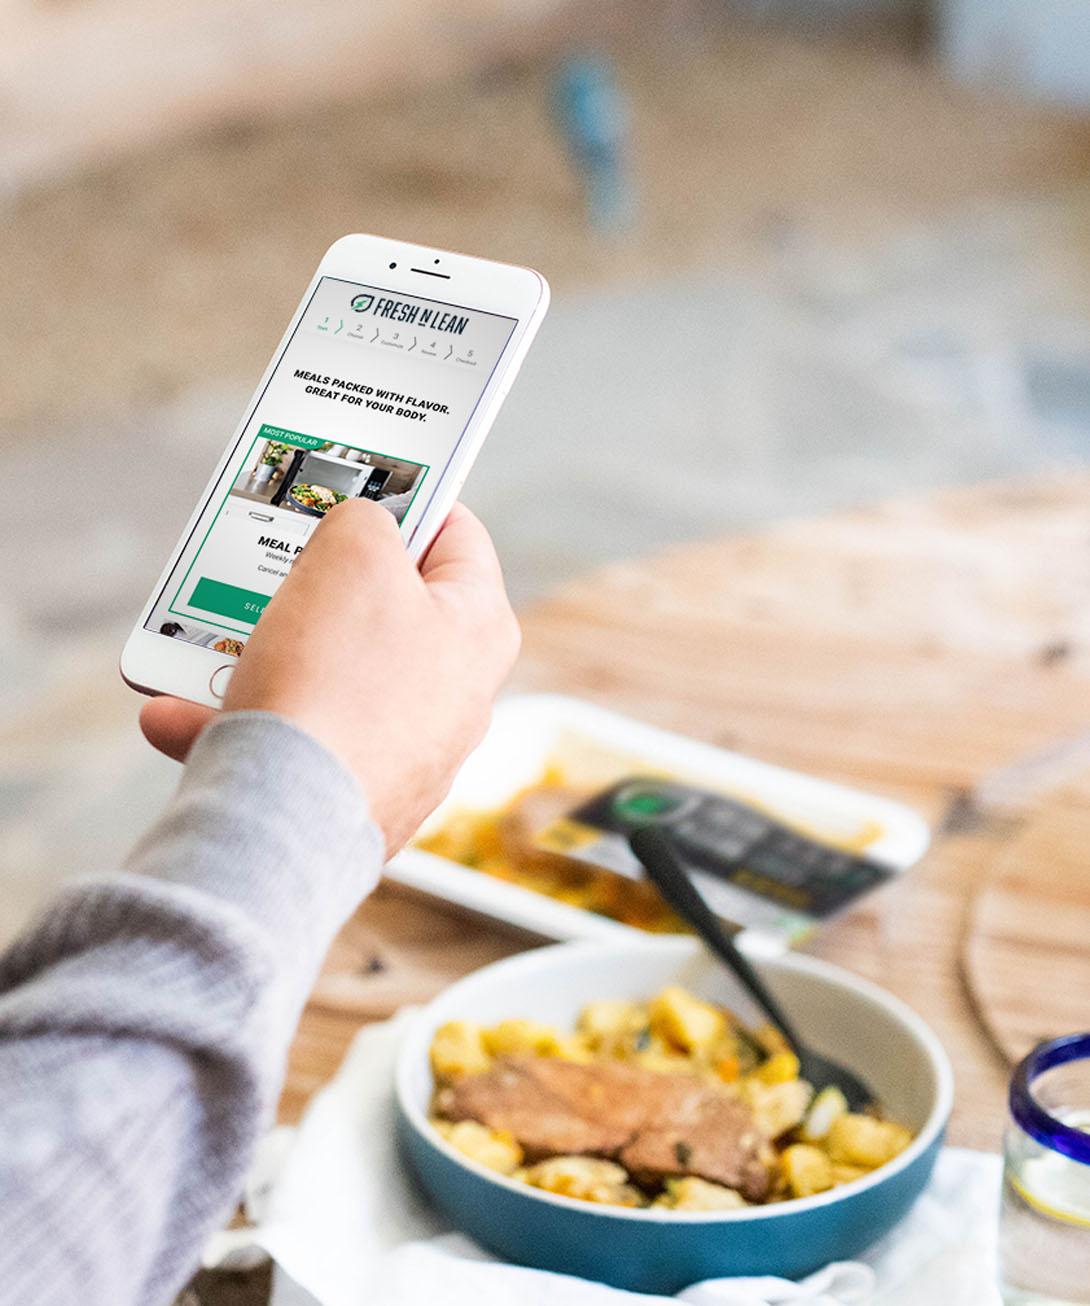 Ordering meals online